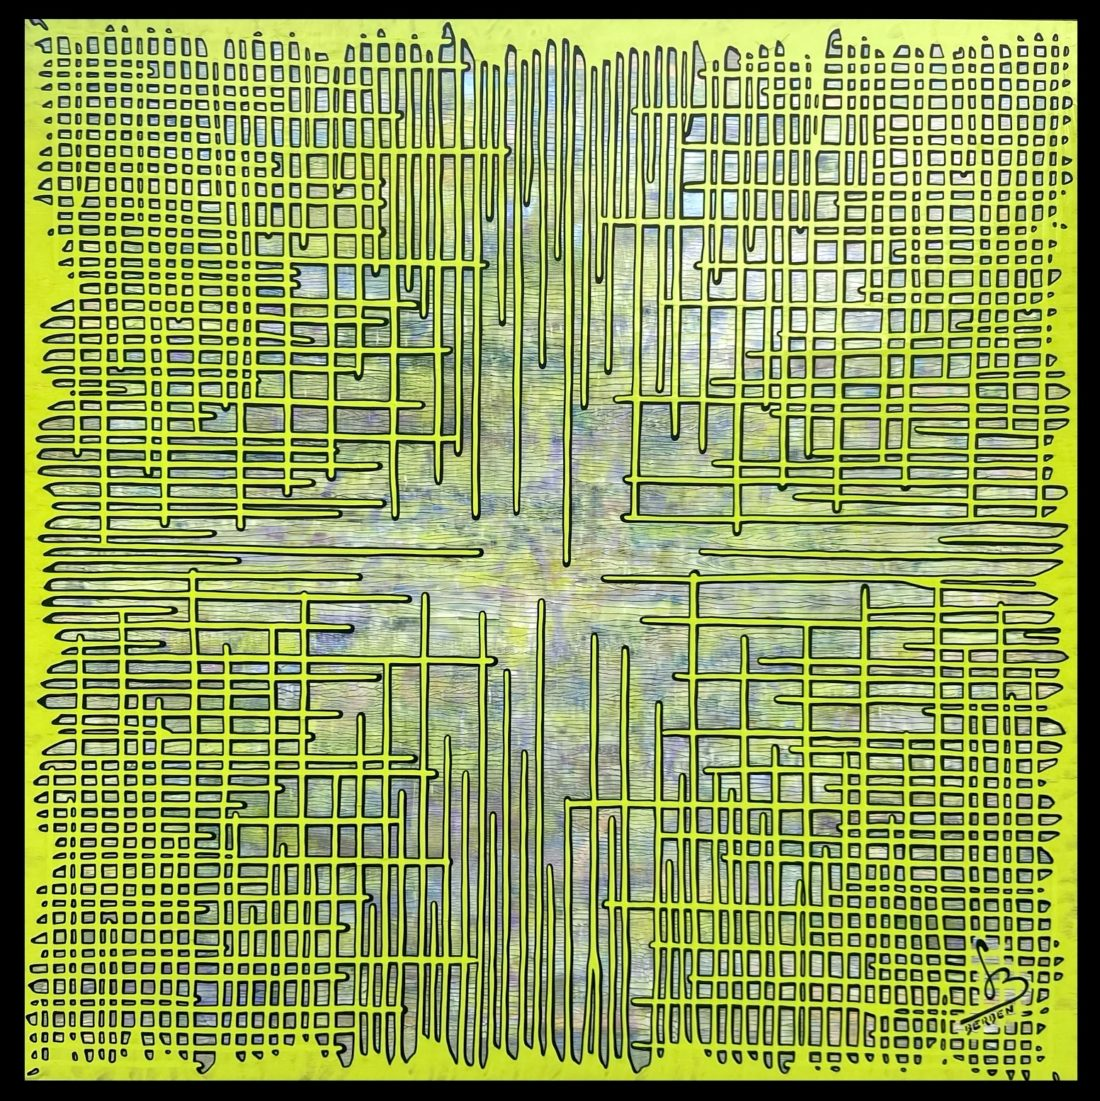 BRAINSTORMING #55 - 120 x 120 cm - Gregory BERBEN - Novembre 2020